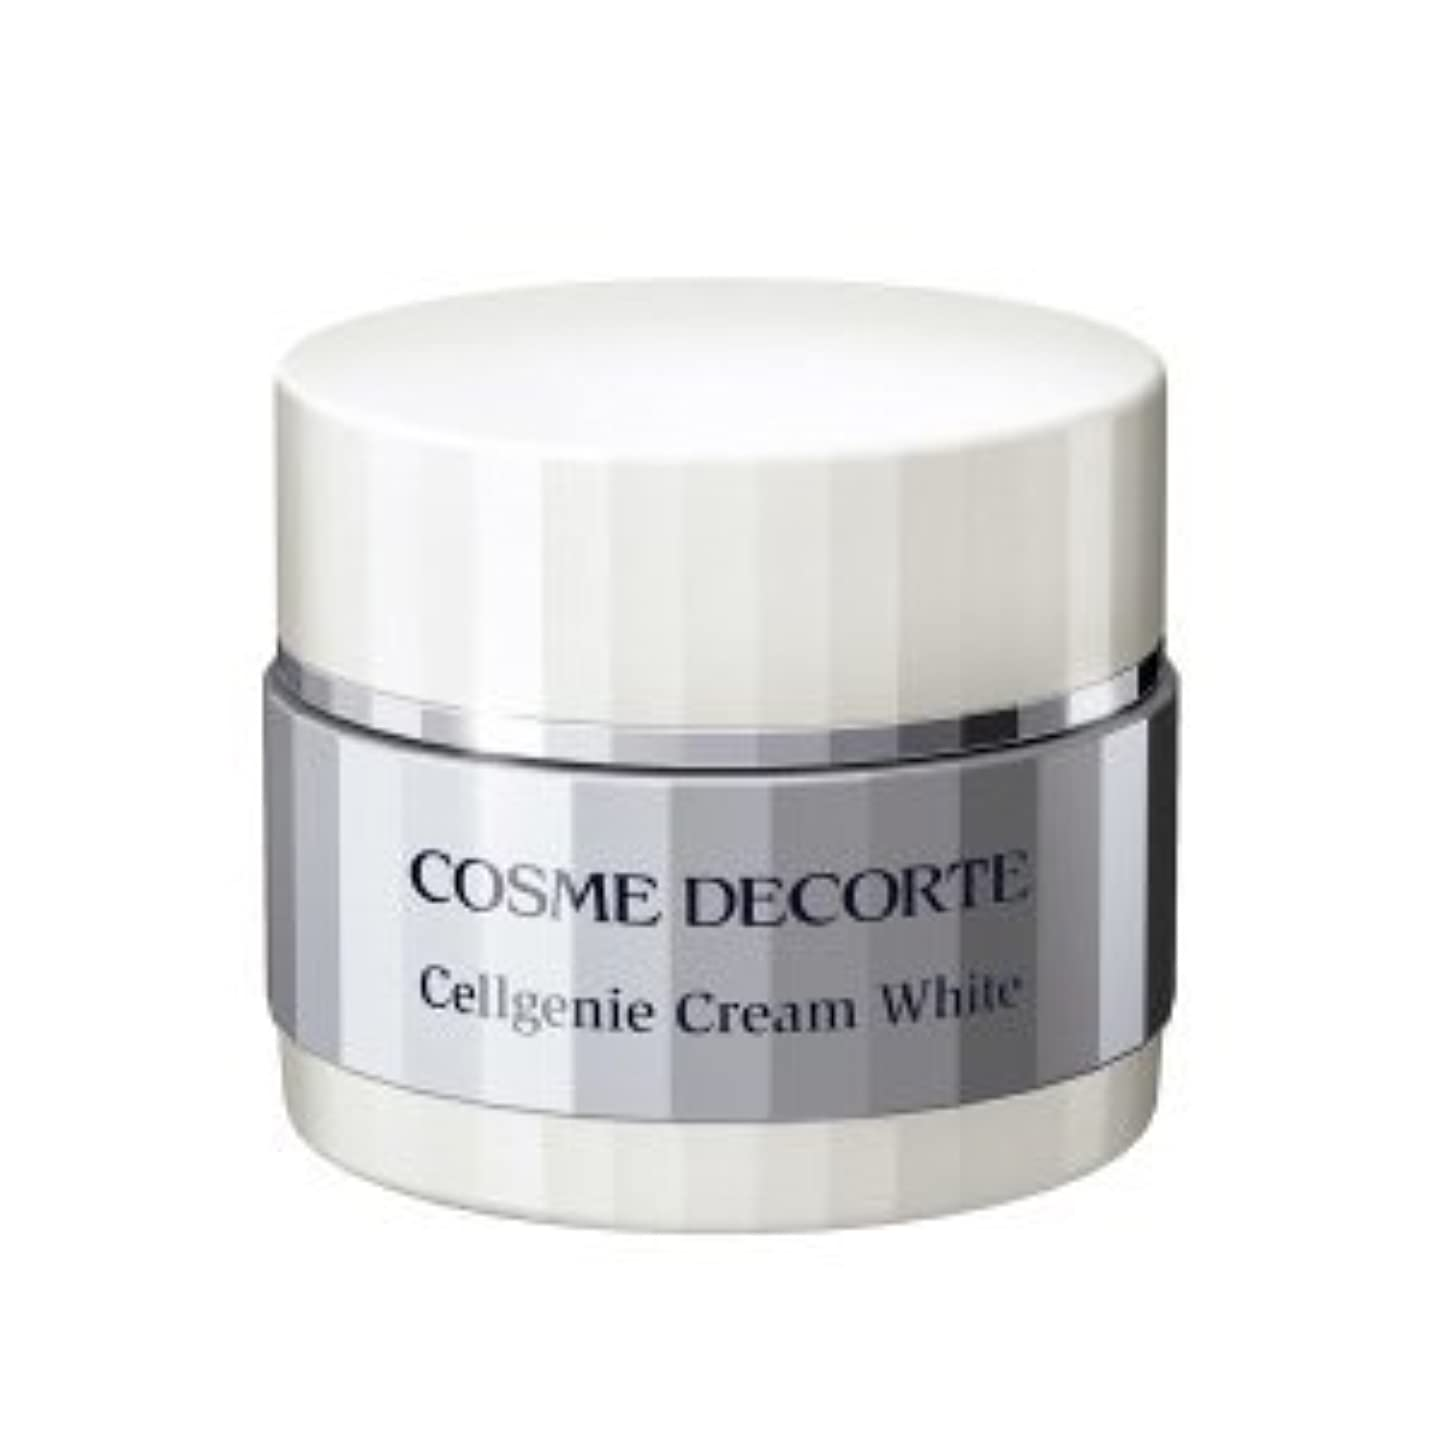 コスメ デコルテ(COSME DECORTE) セルジェニー クリーム ホワイト 30g[並行輸入品]